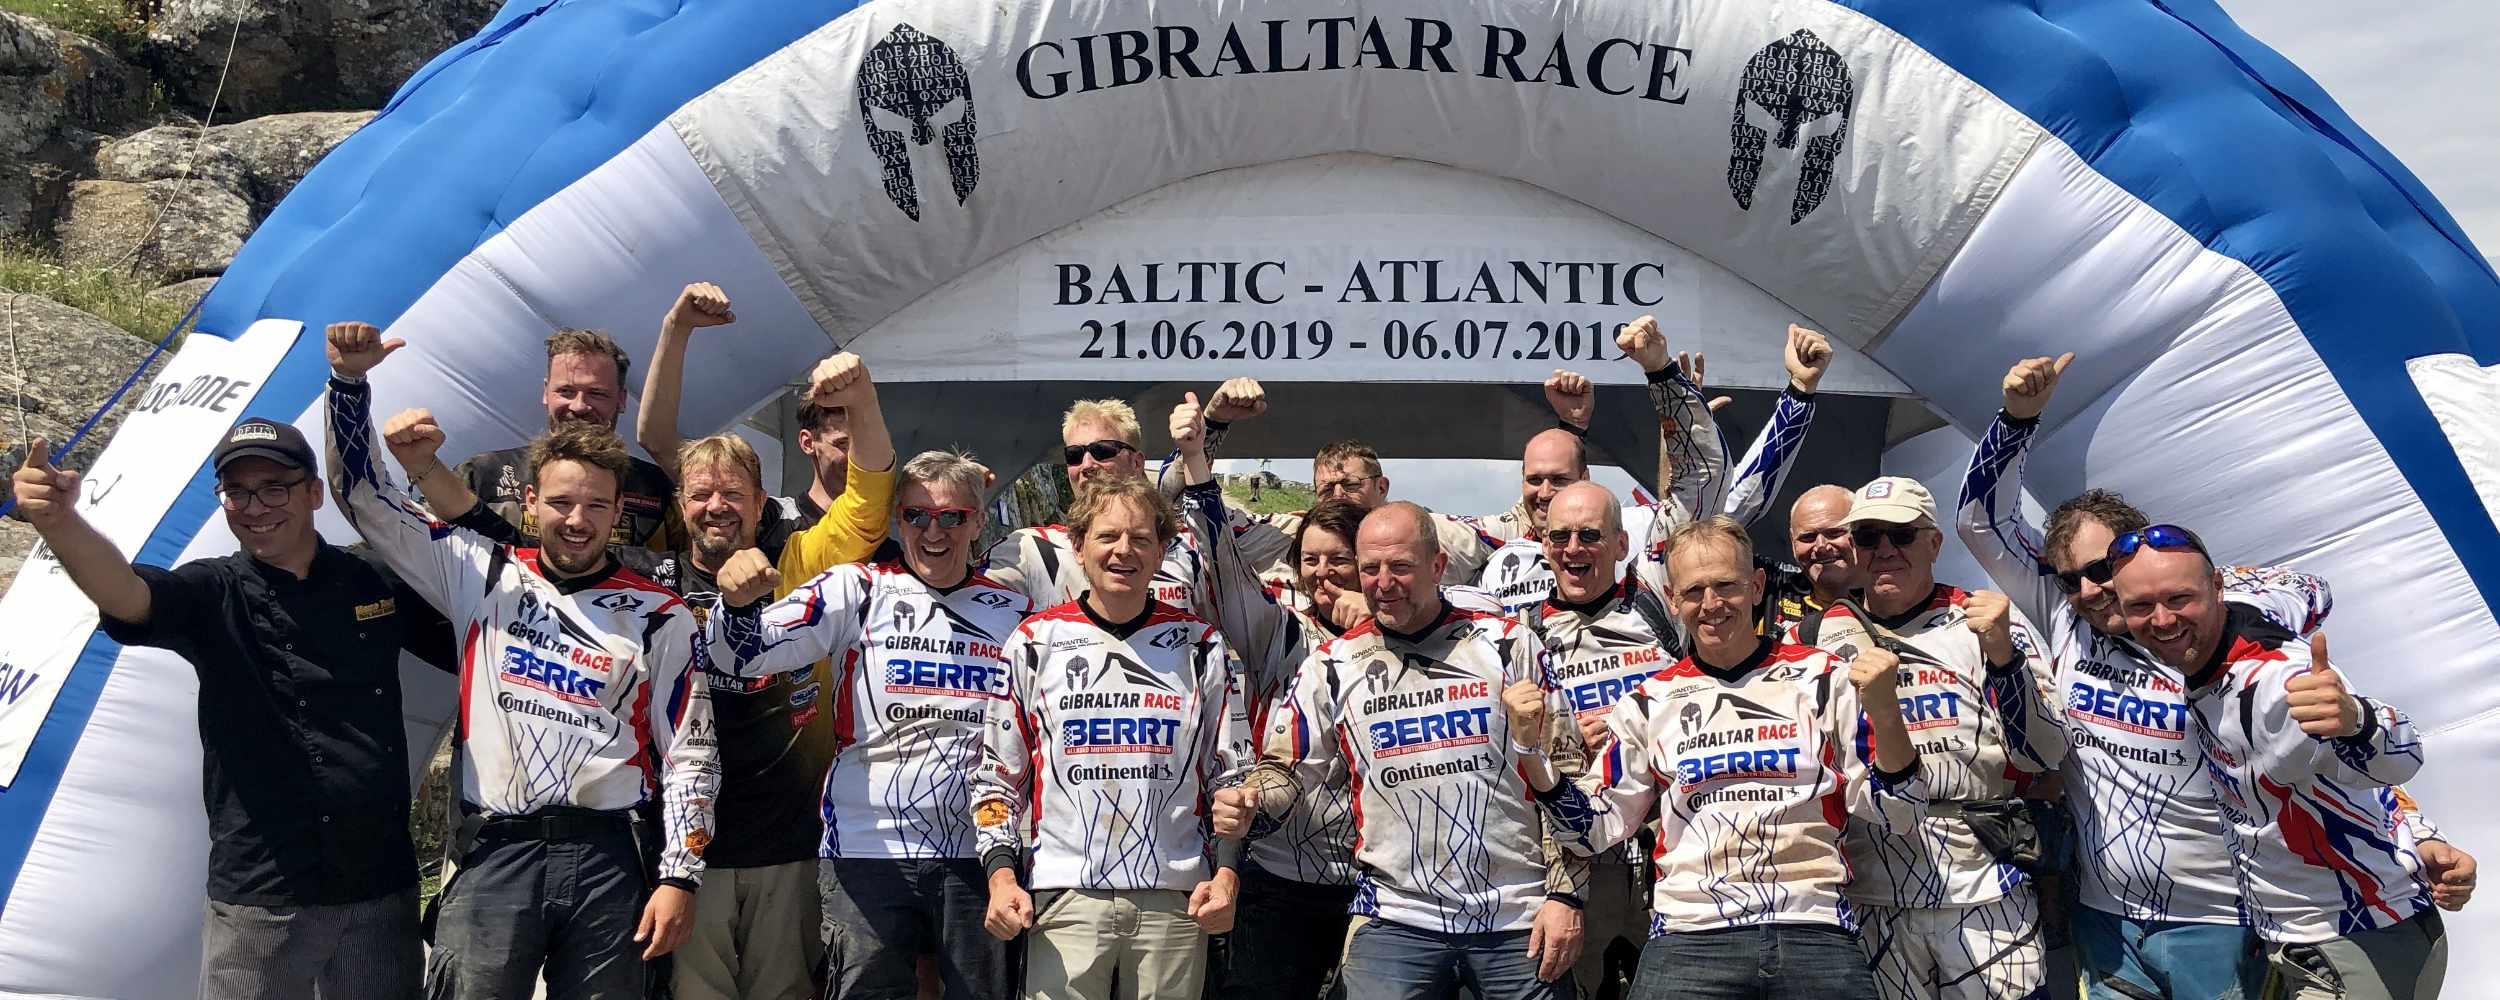 Geweldige prestatie van Team BERRT Gibraltar Race 2019